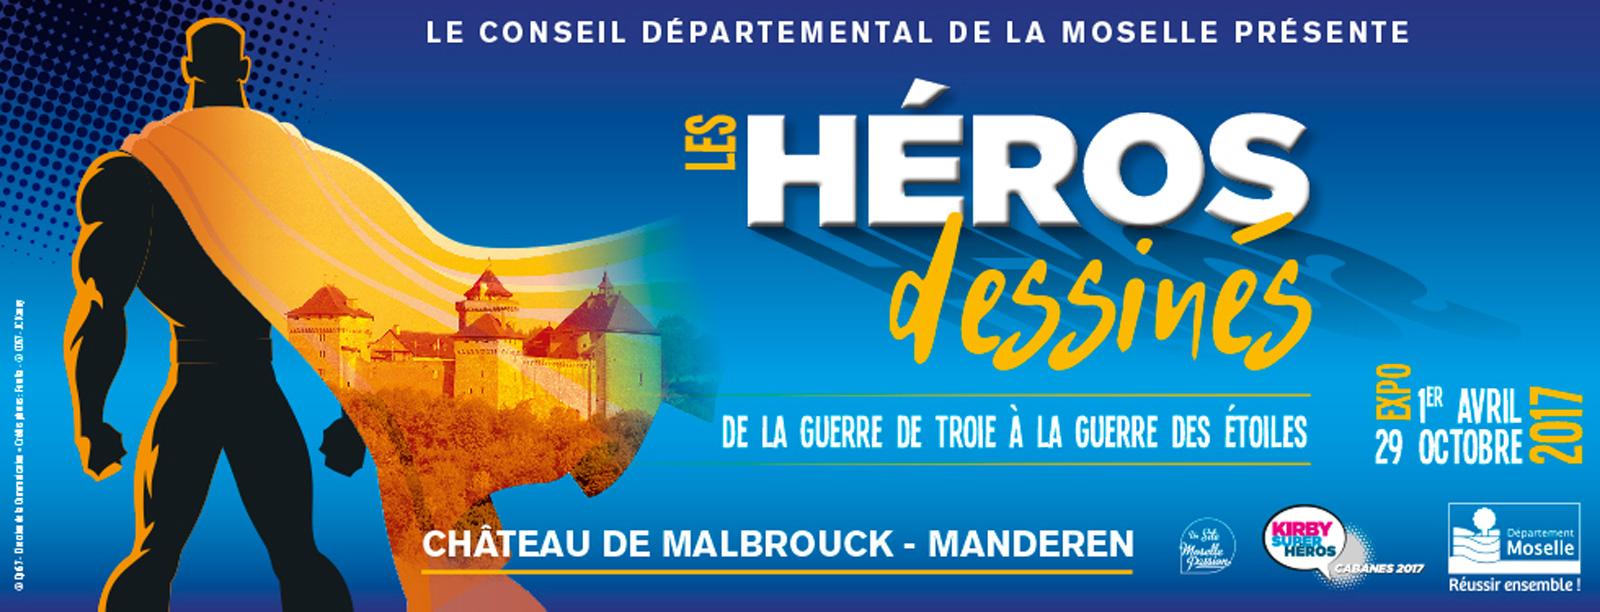 Moselle : les Héros dessinés s'exposent au Château de Malbrouck